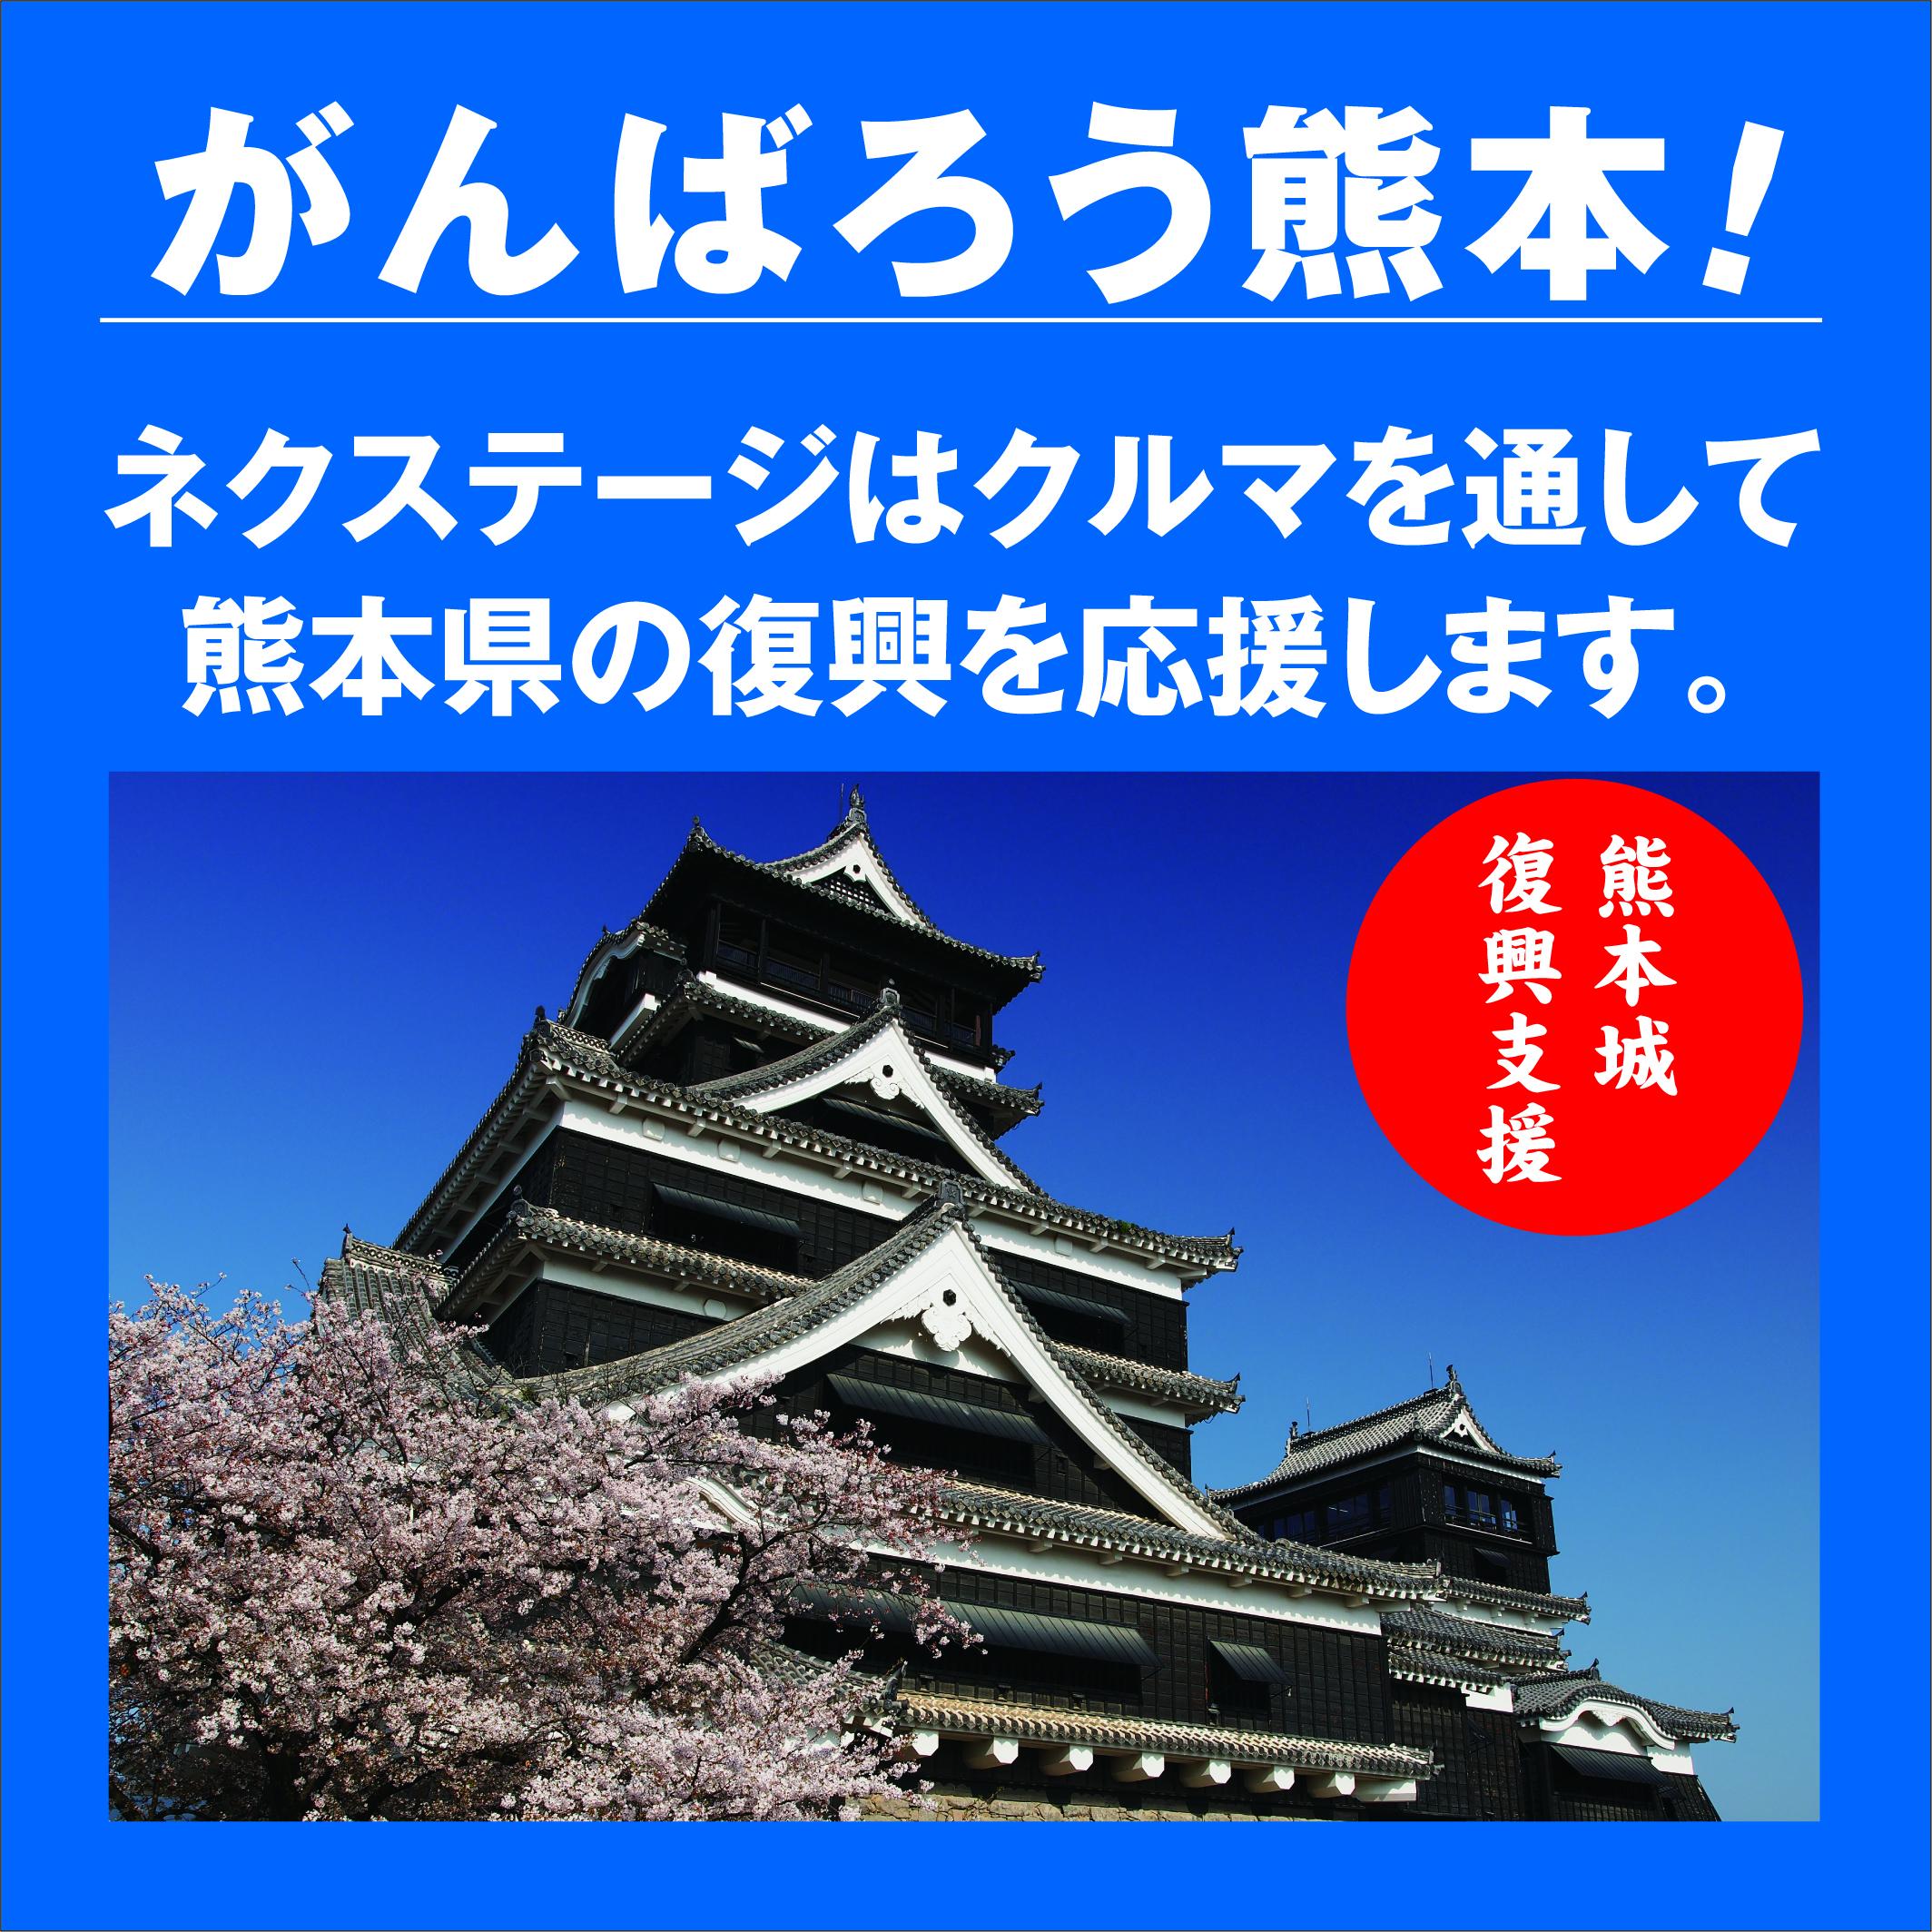 熊本城災害復旧支援金への寄付を開始!クルマを通じて復興支援。